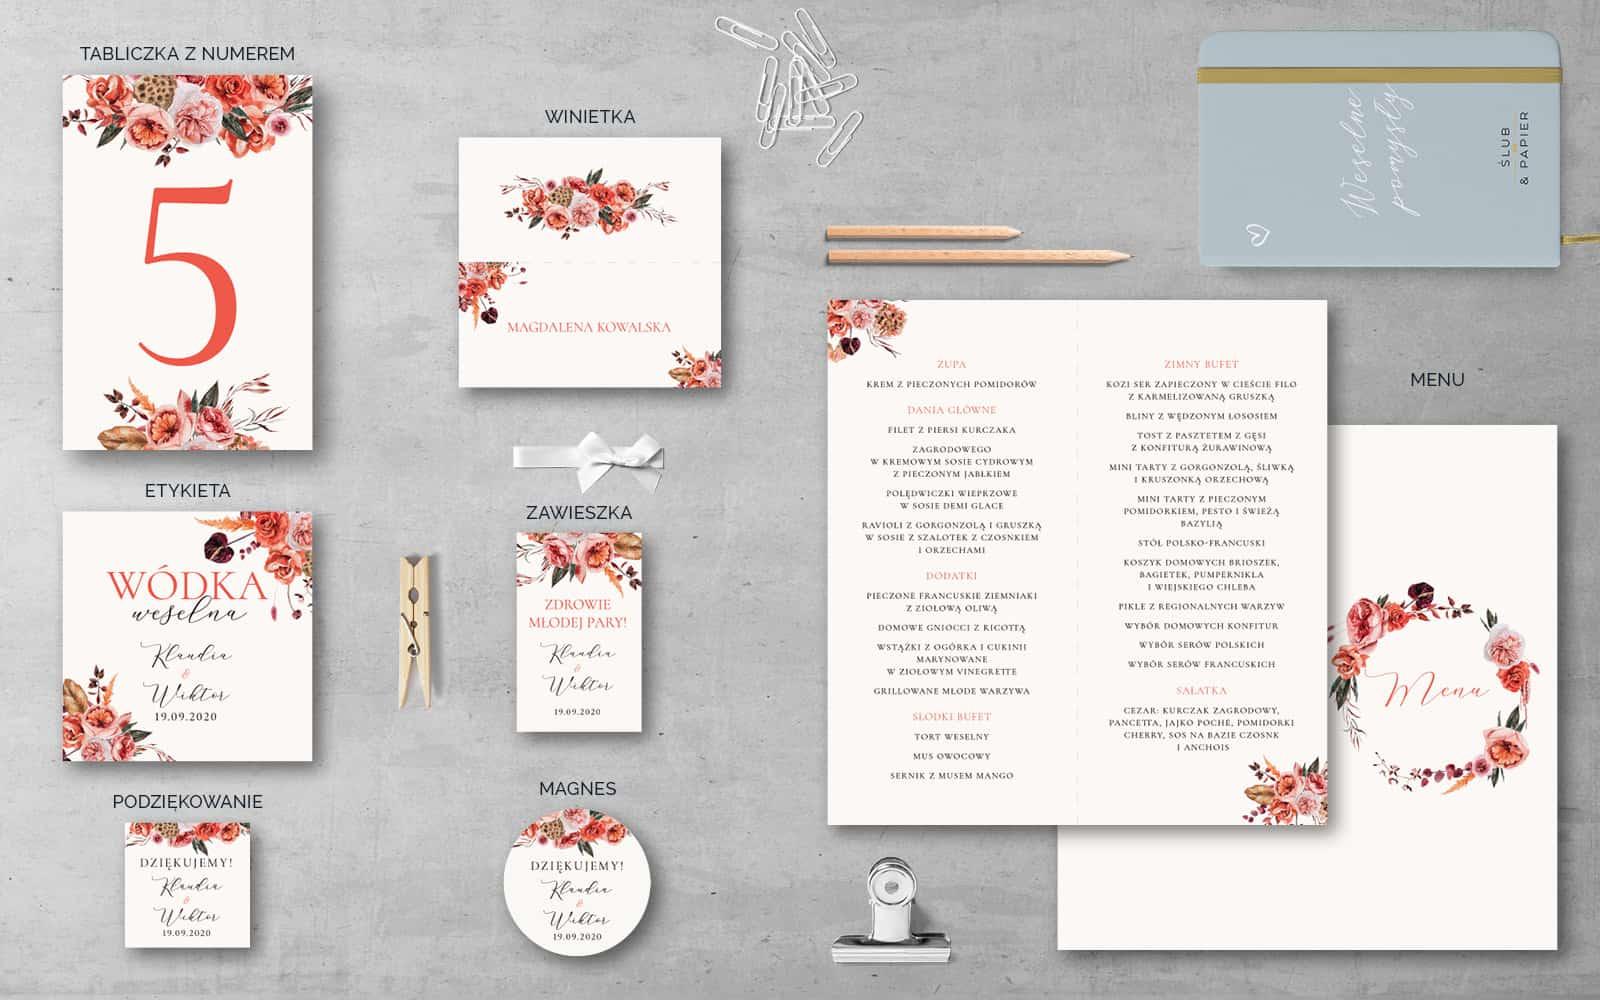 Dodatki weselne do projektu Barwy jesieni